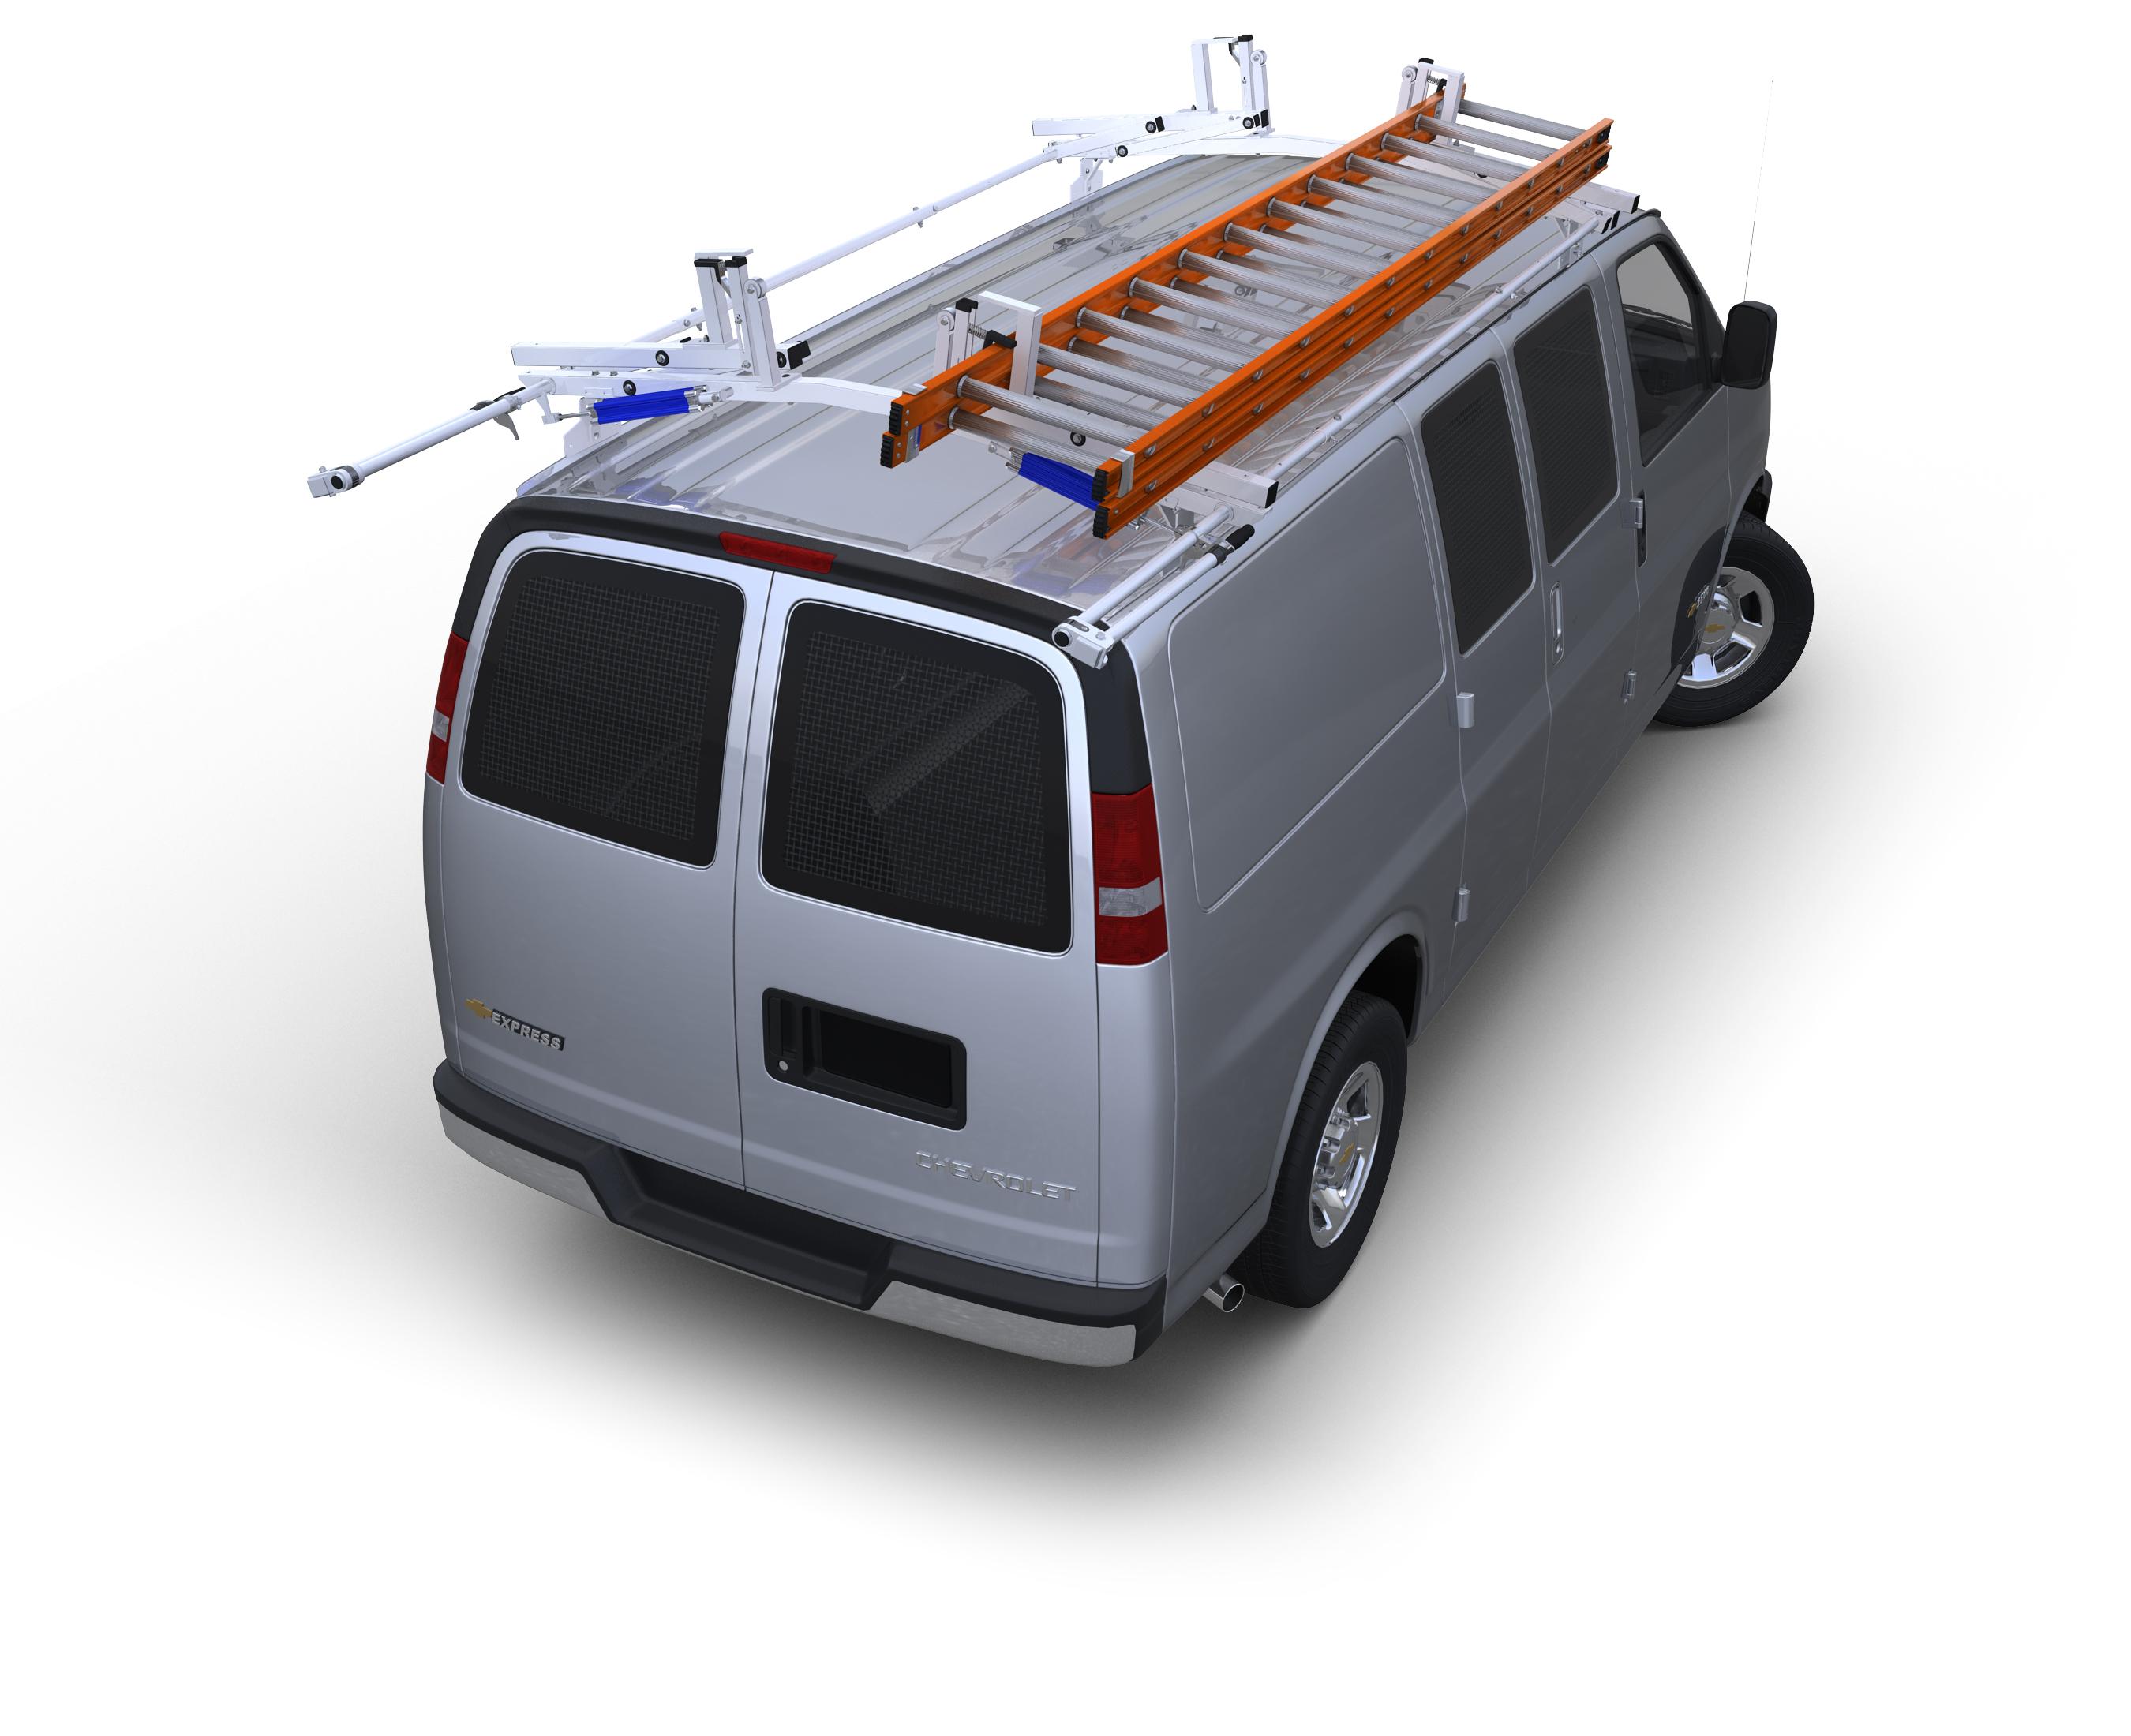 Cab File Desk - For Transit, ProMaster, NV and Sprinter Vans